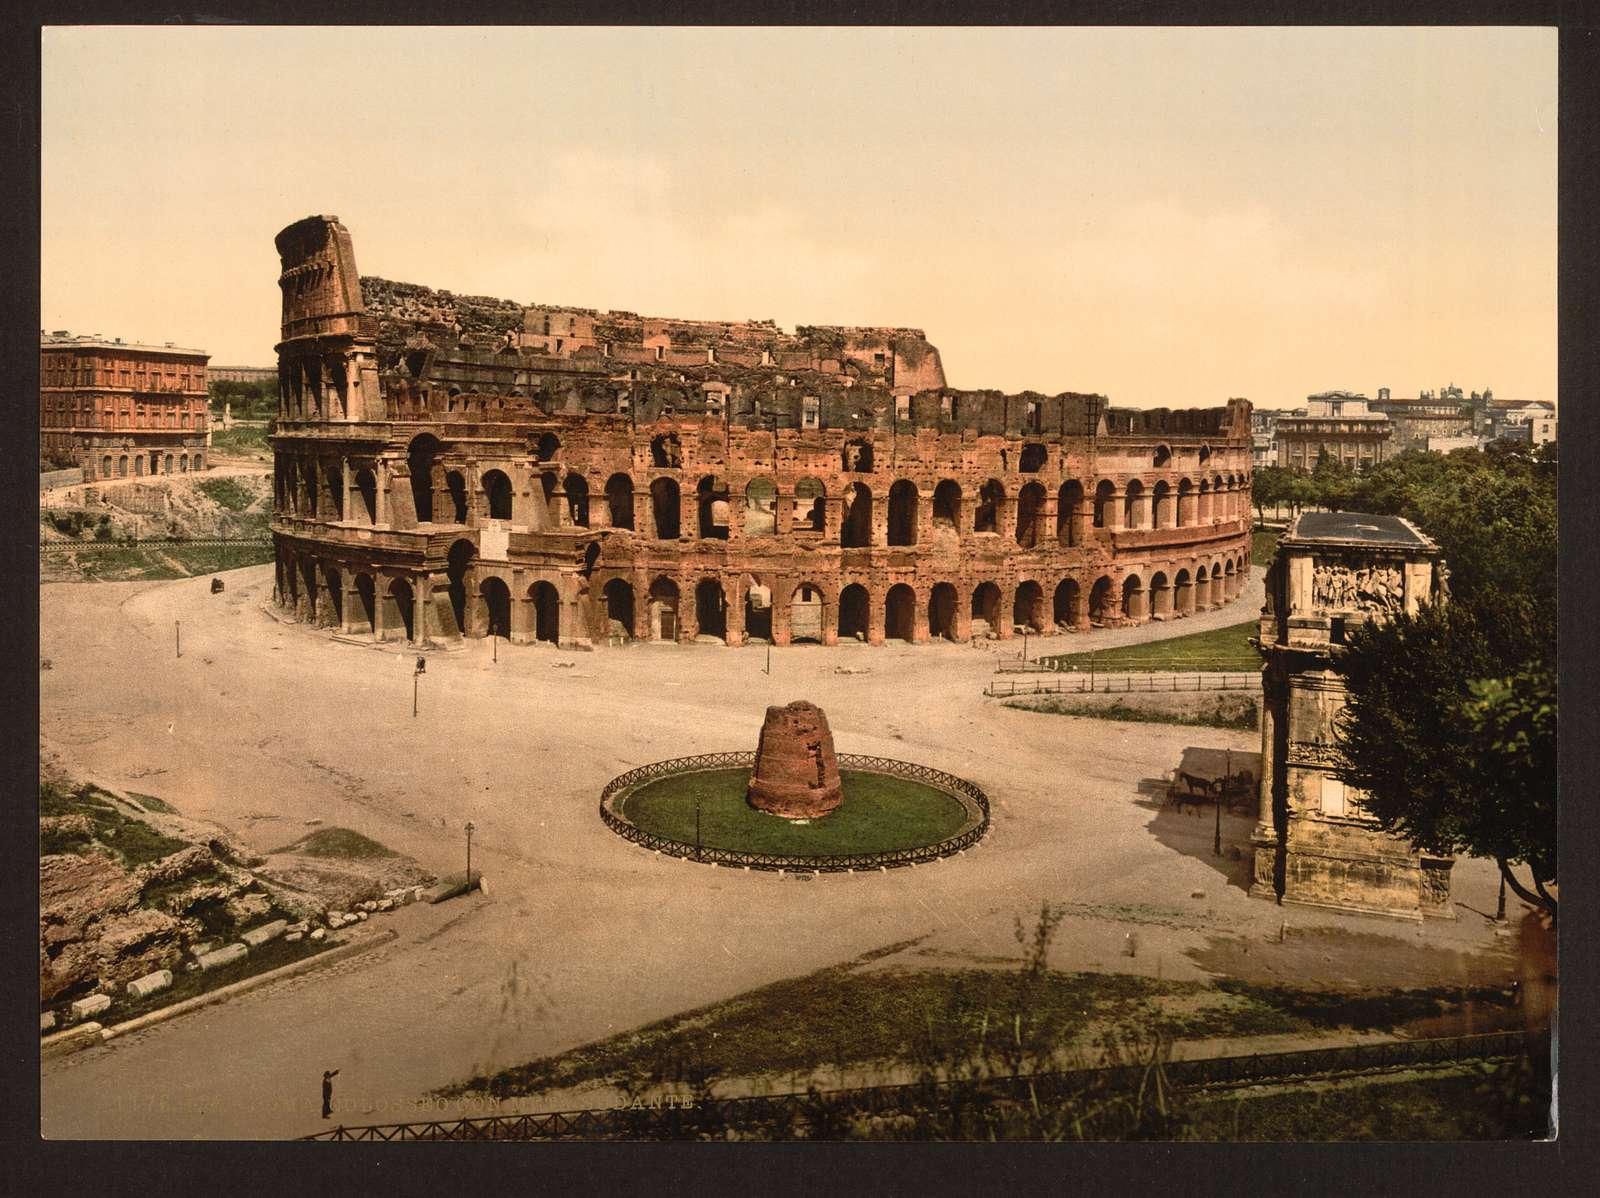 [The Colisuem and Meta Sudans, Rome, Italy]